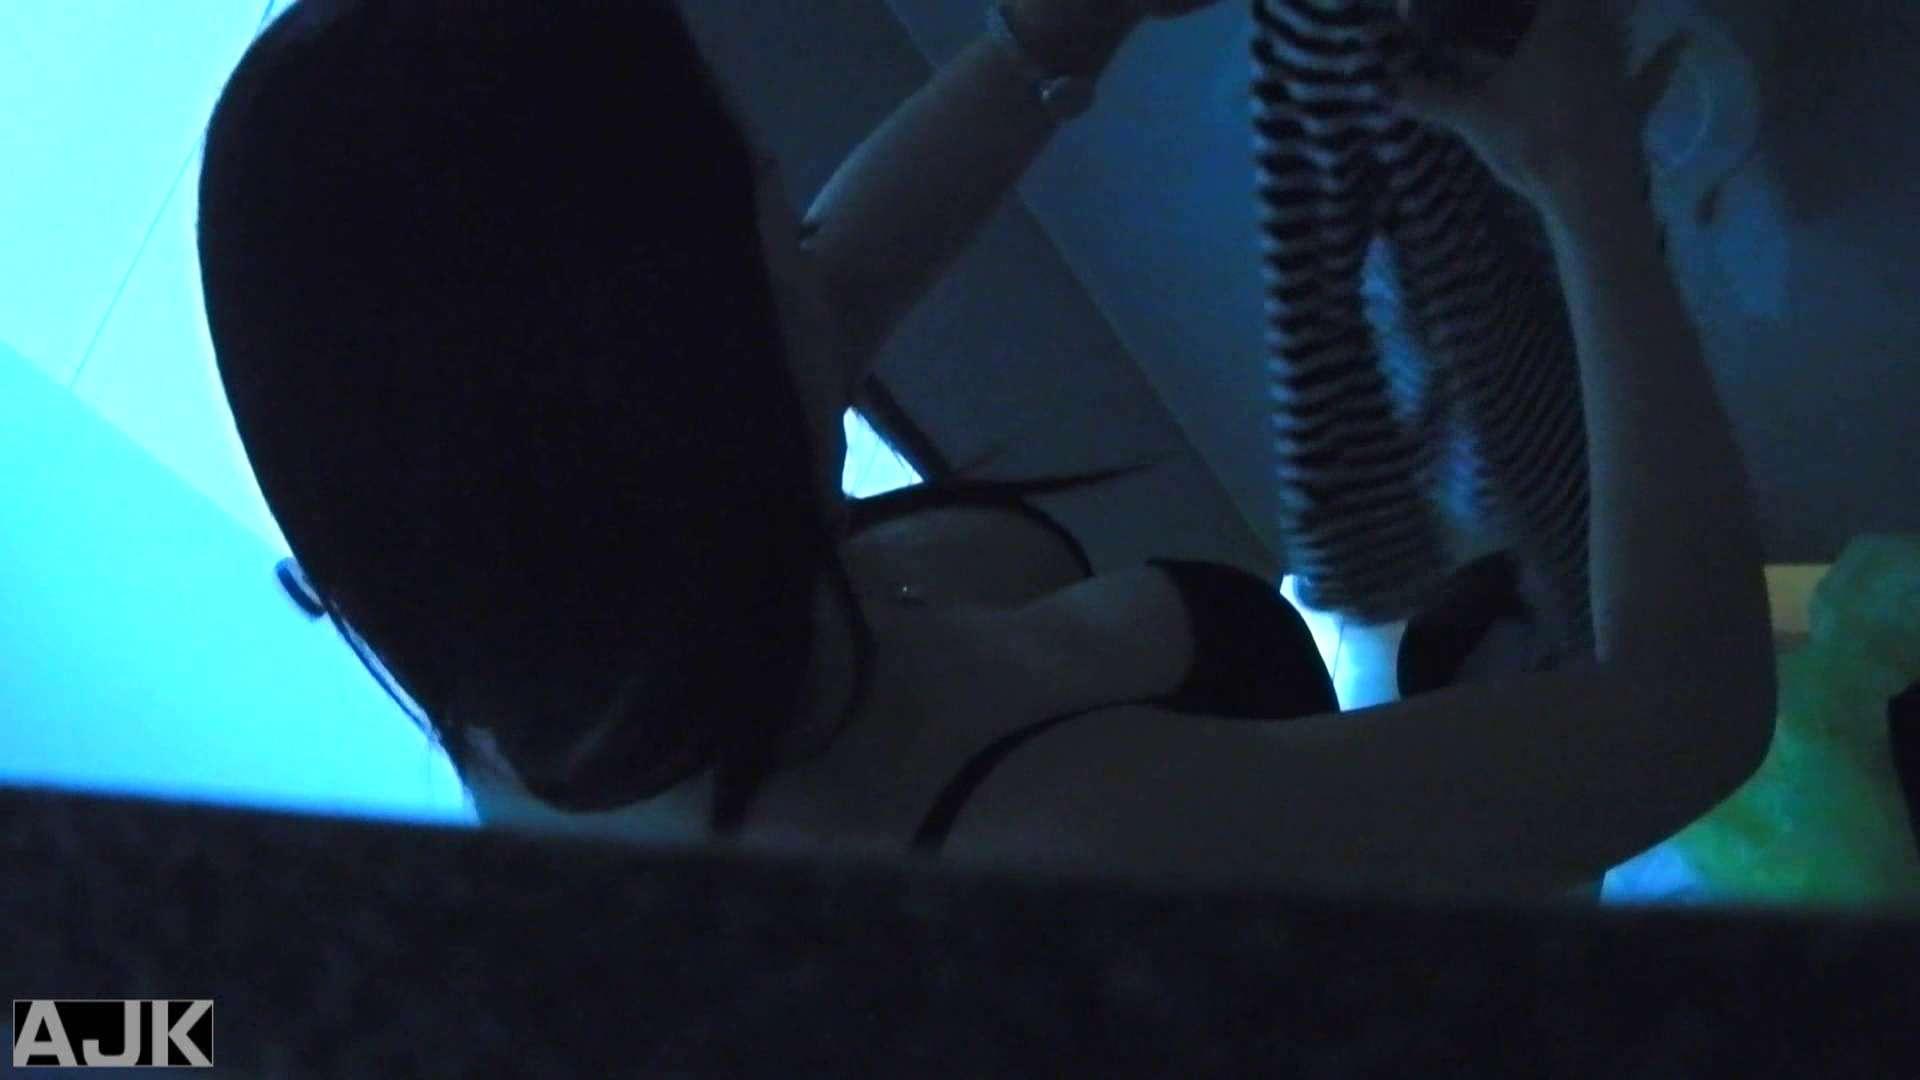 神降臨!史上最強の潜入かわや! vol.13 OLエロ画像 隠し撮りセックス画像 66PICs 2